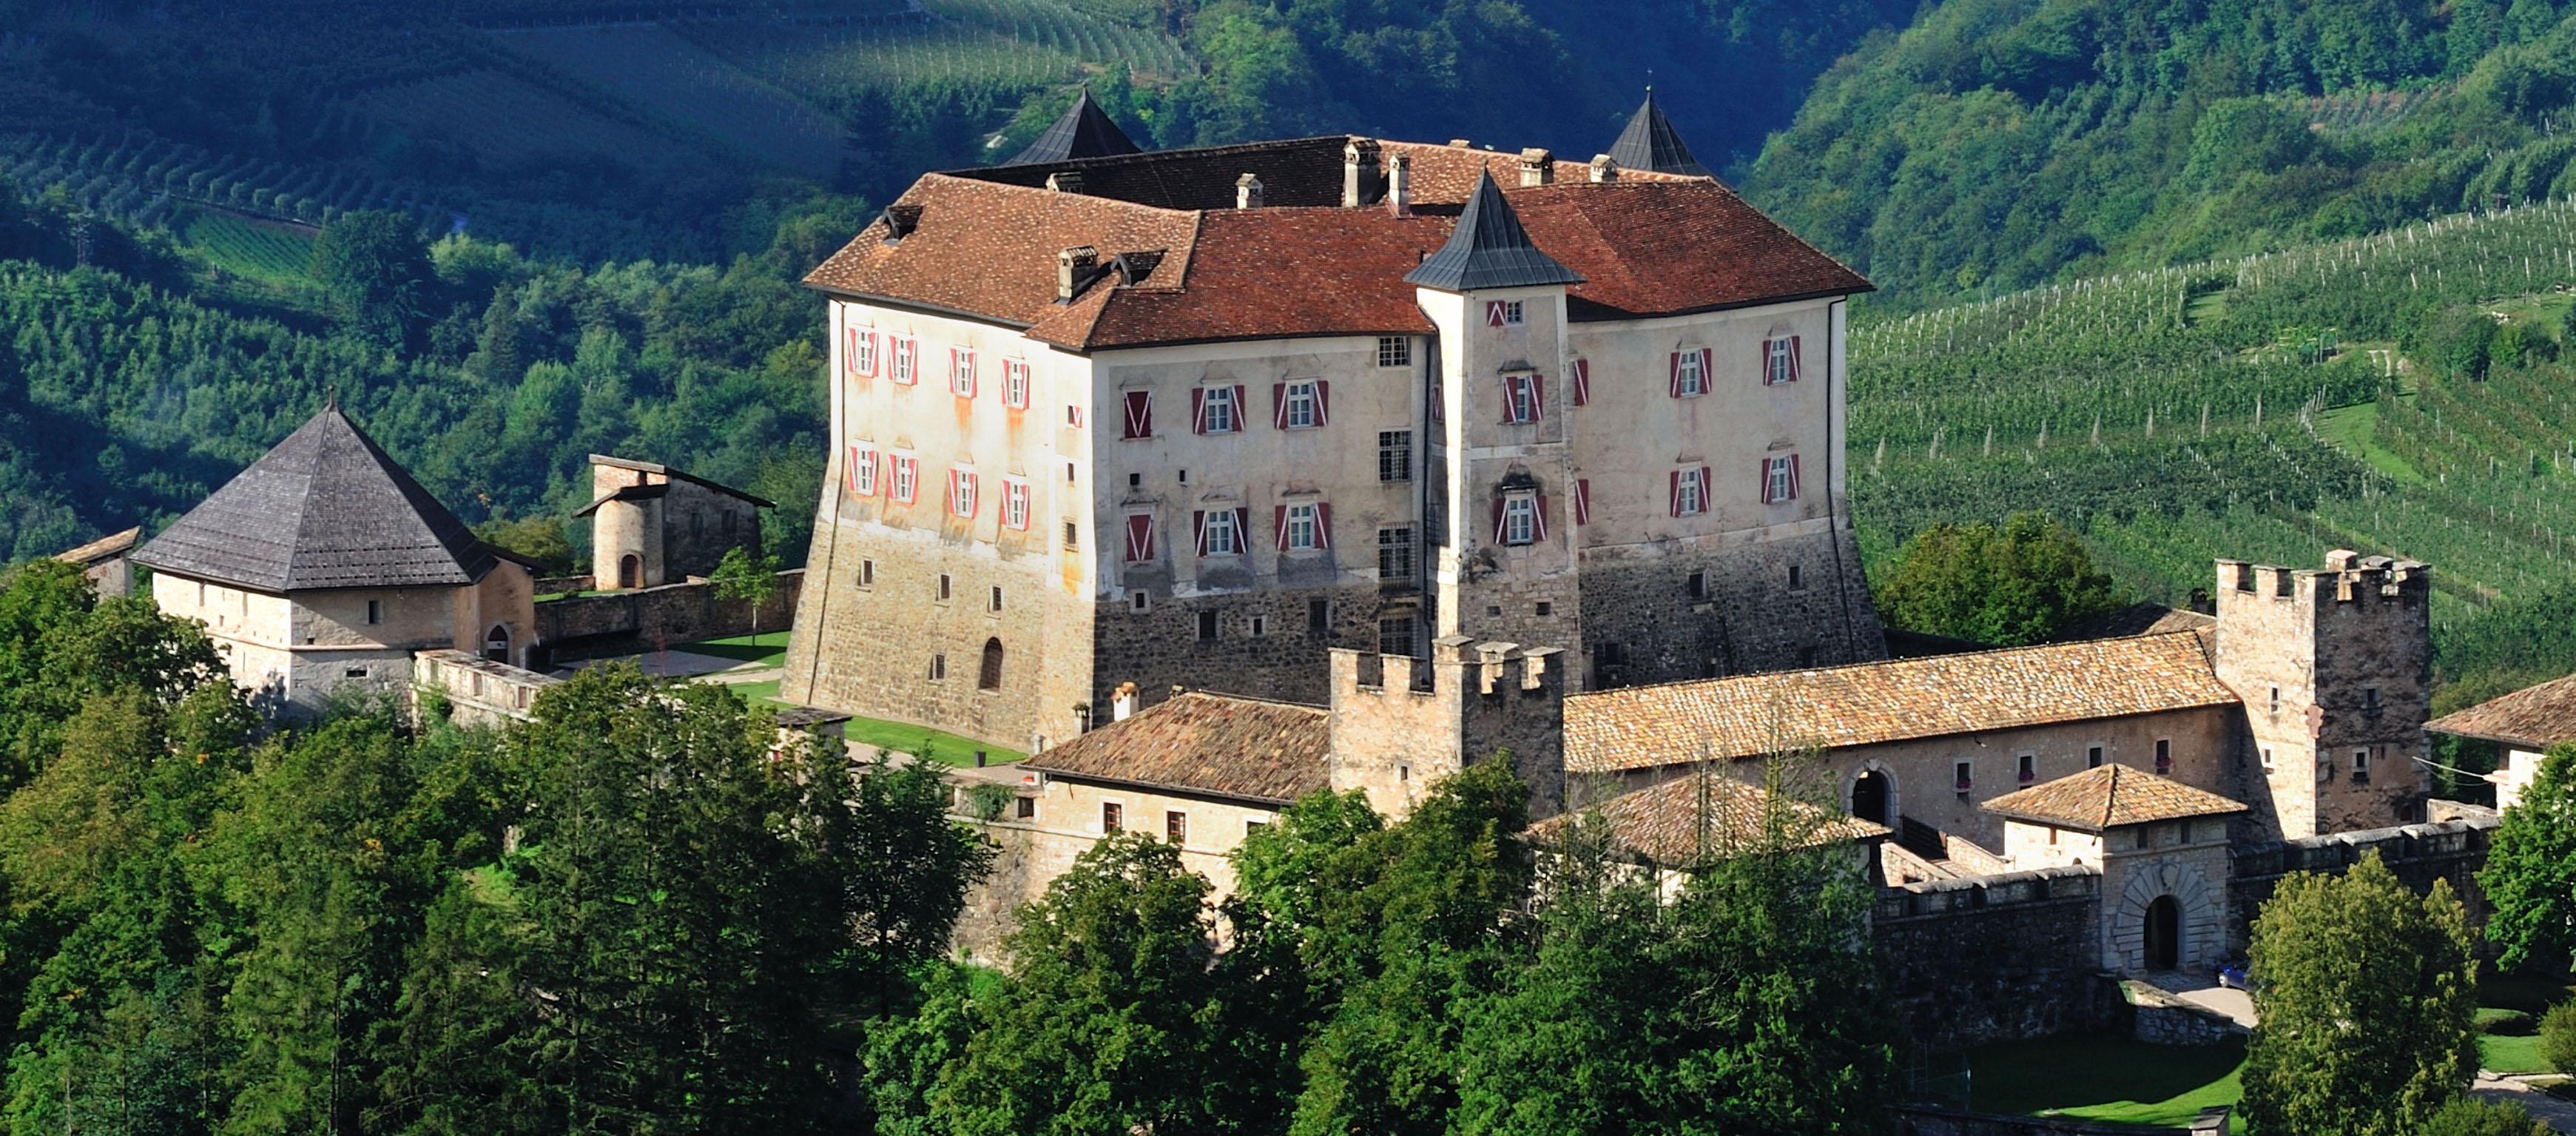 Immagine di Castel Thun